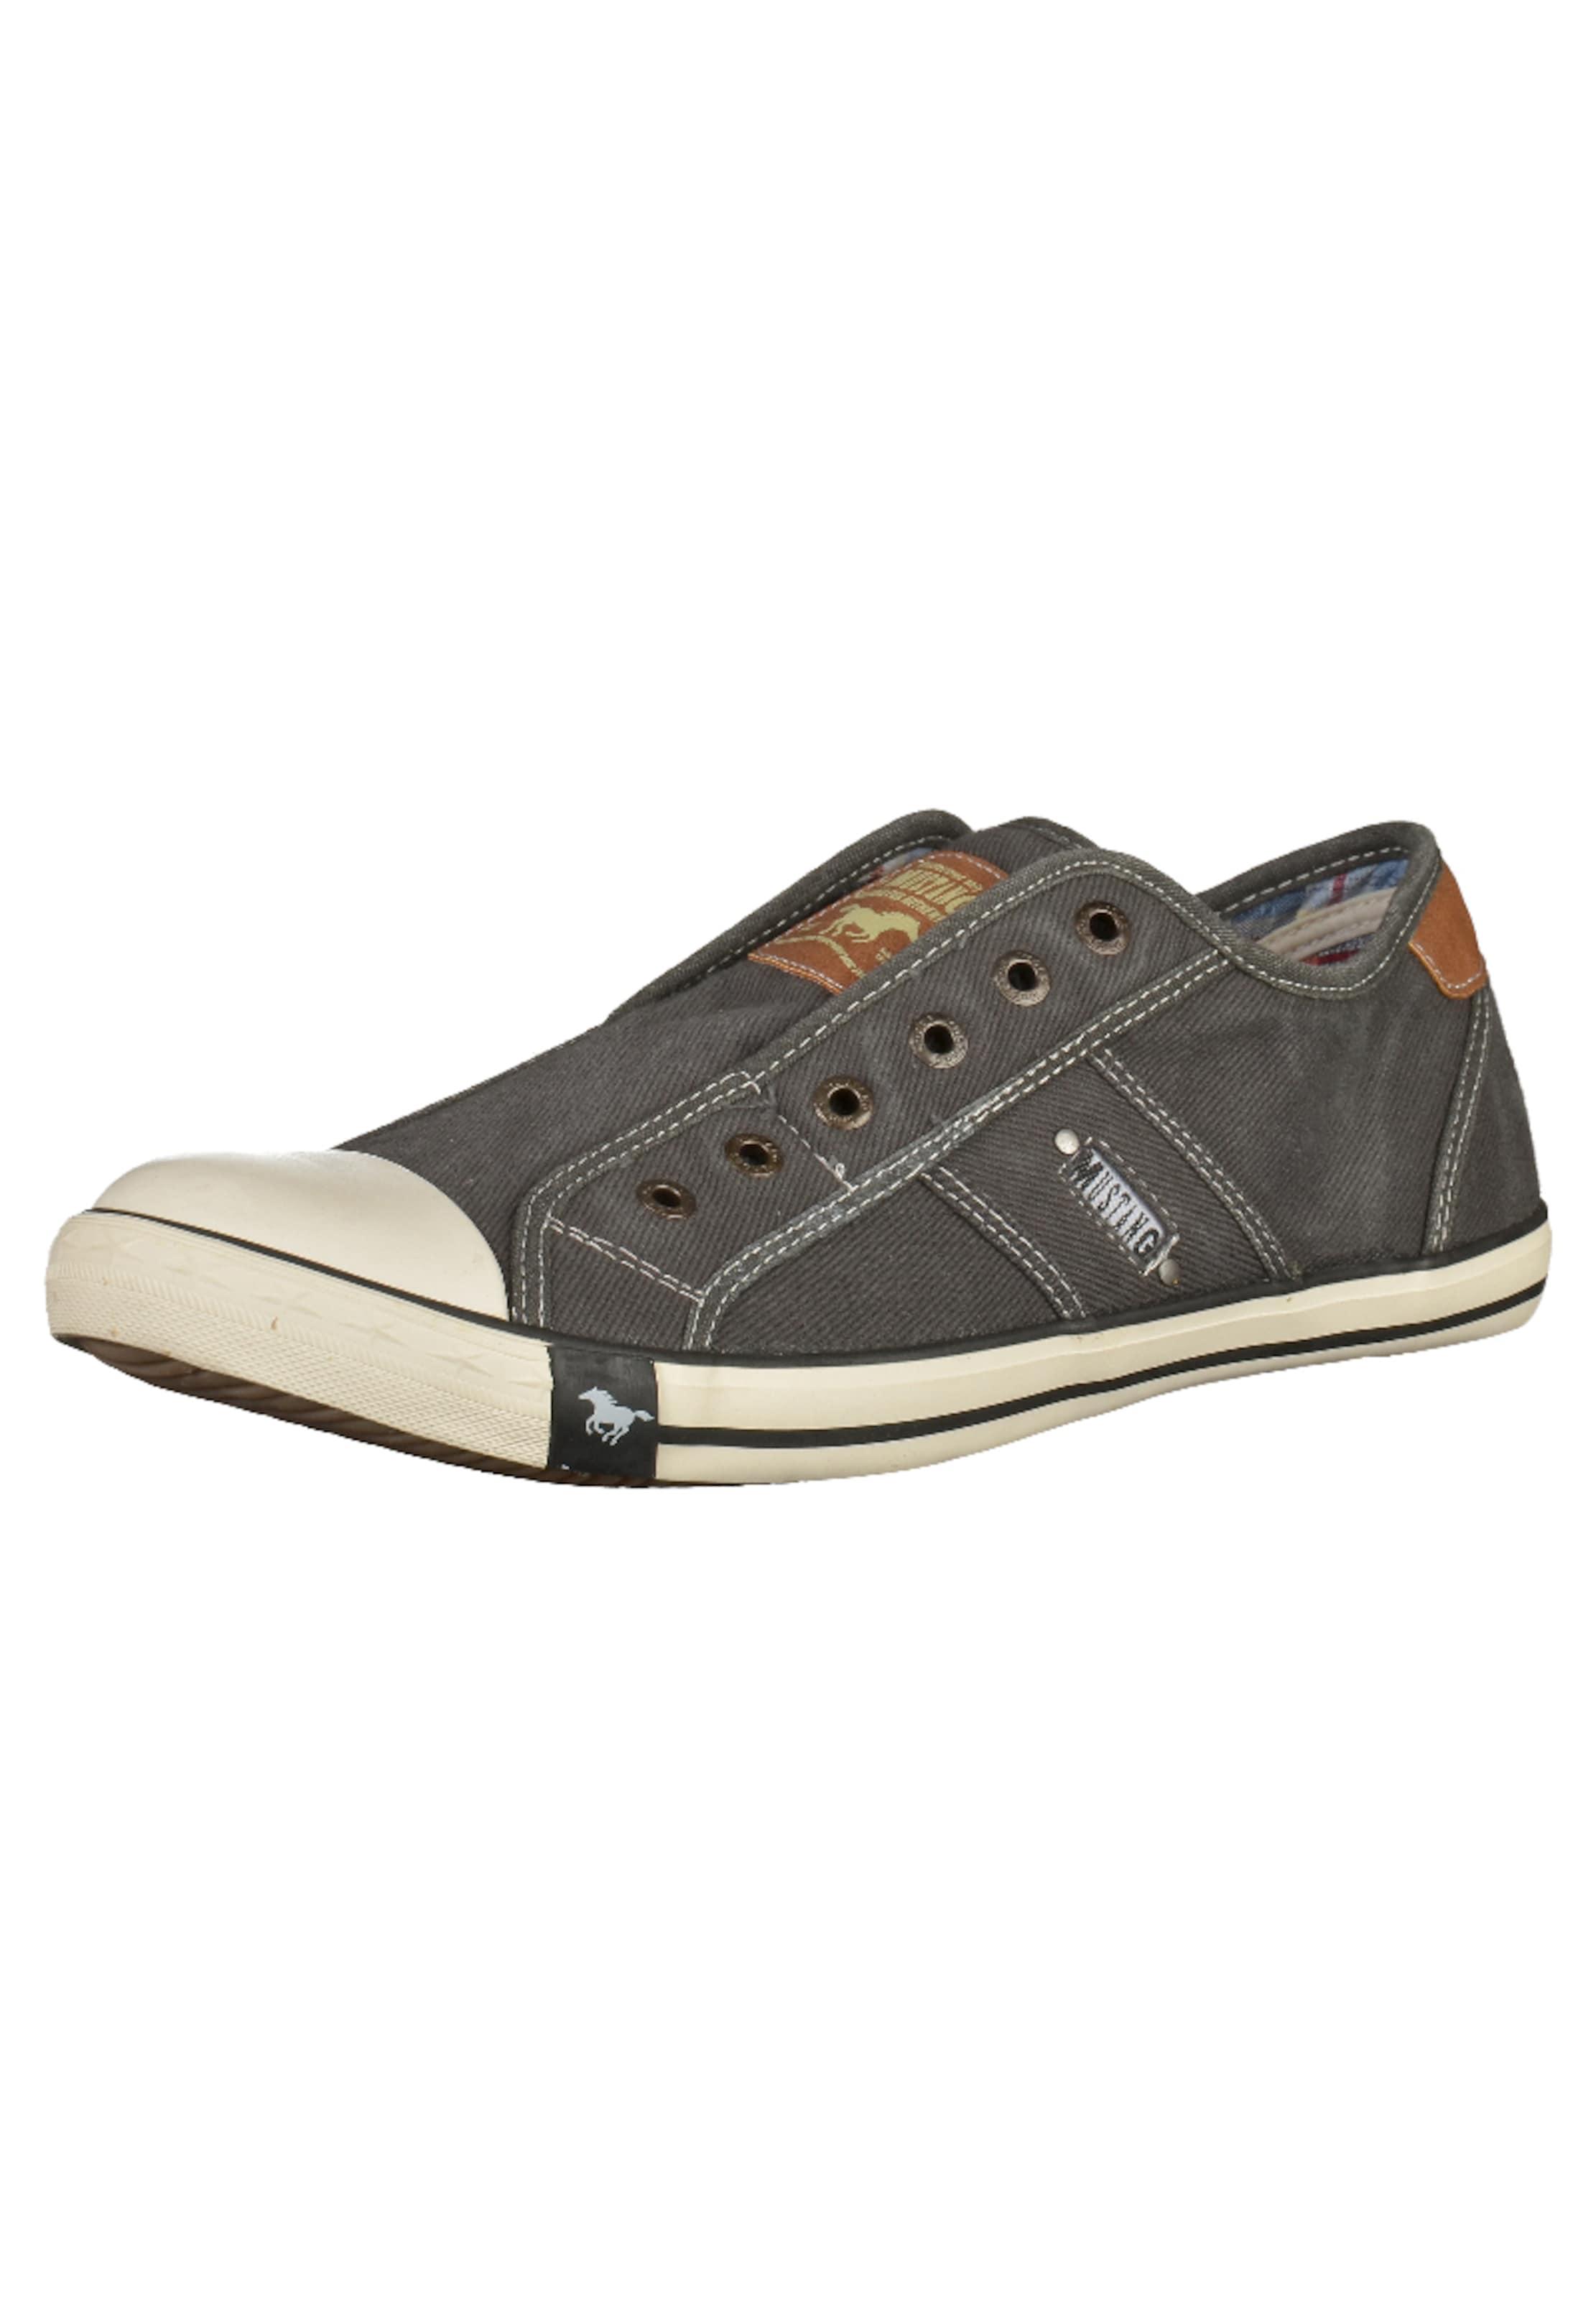 MUSTANG Slipper Verschleißfeste billige Schuhe Hohe Qualität